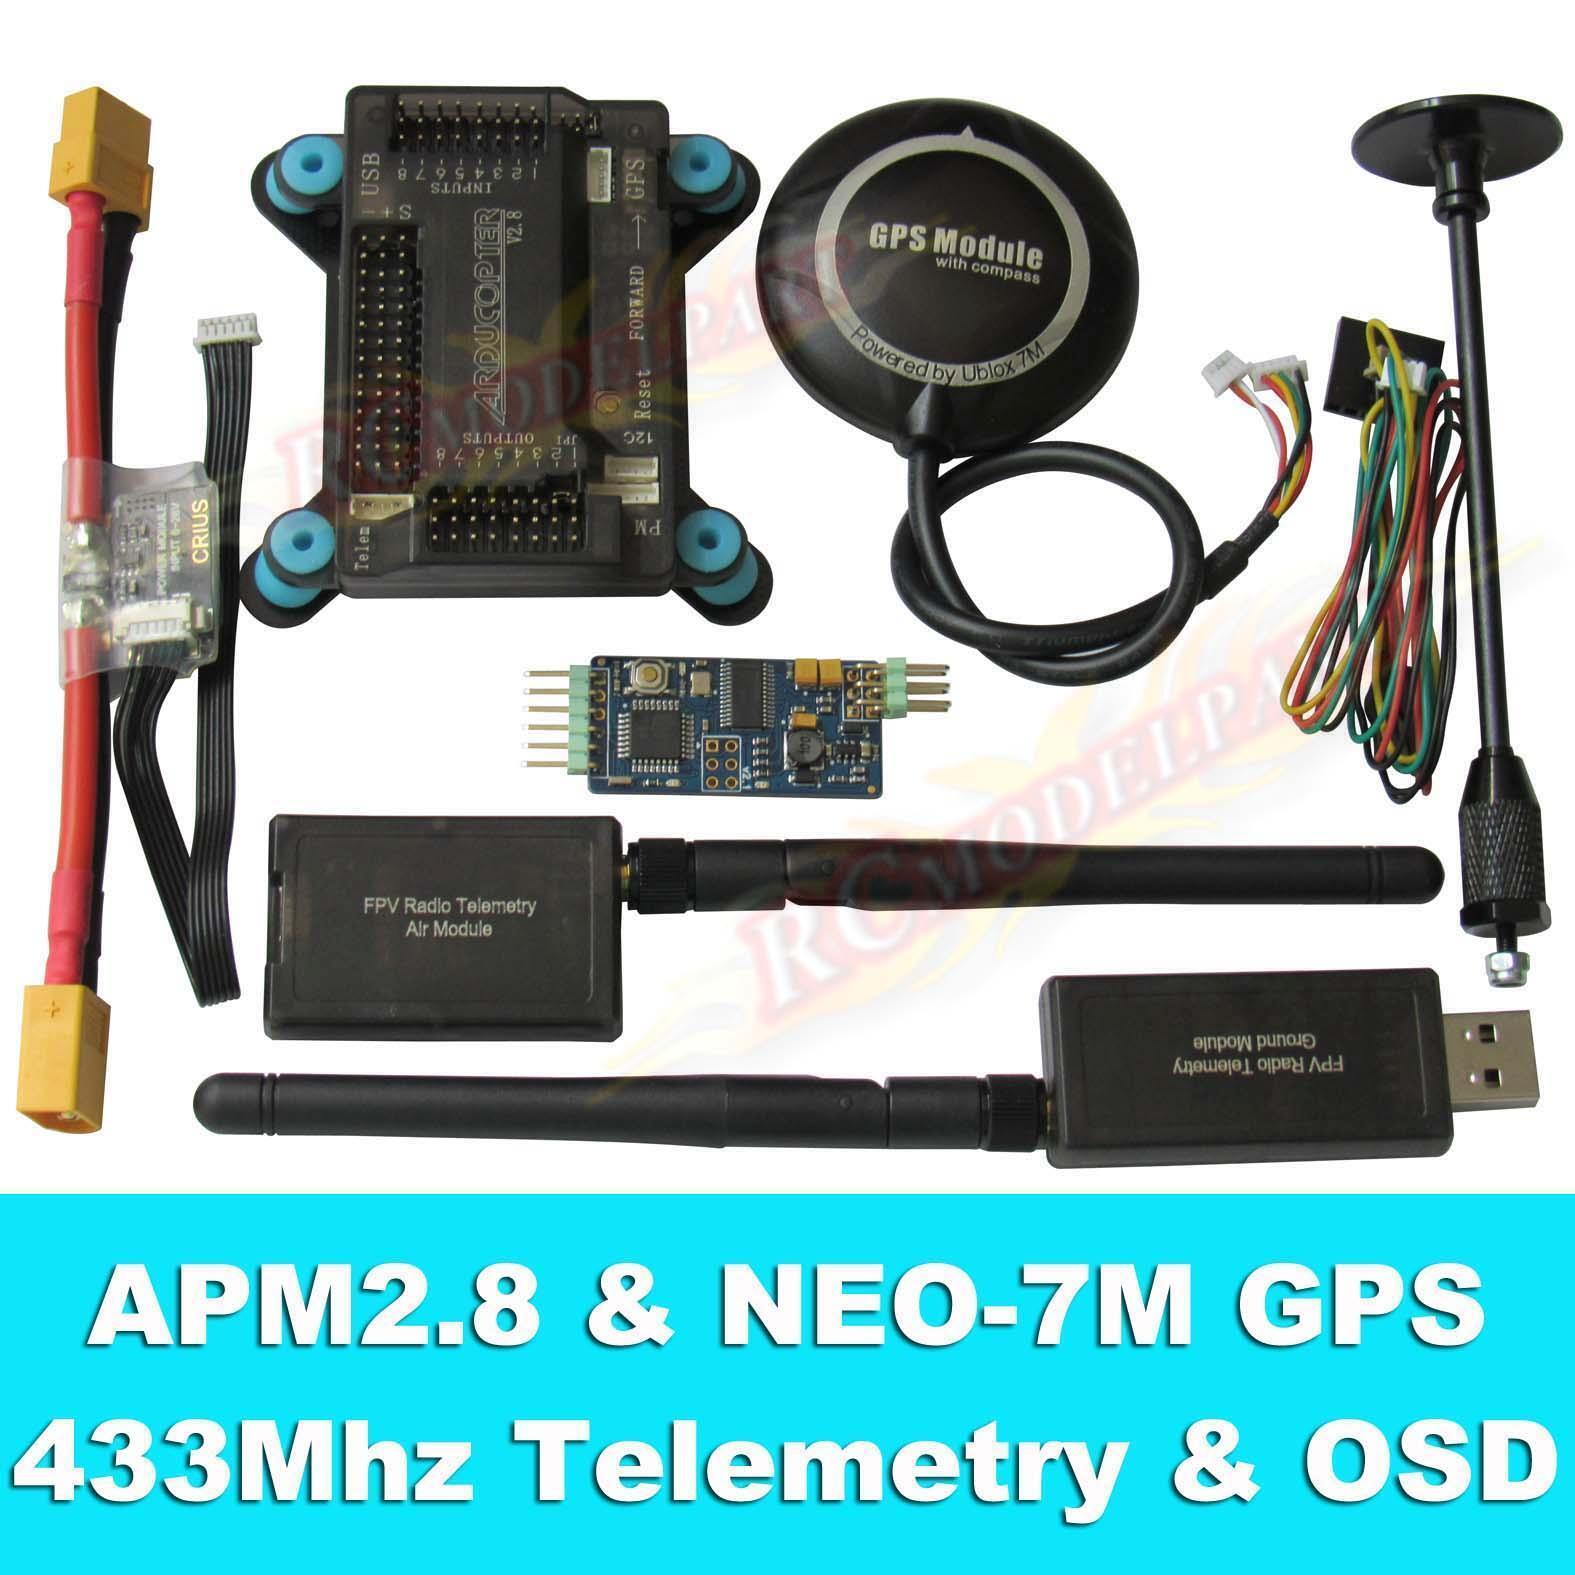 Apm2.8 controlador de vuelo + neo-7m Gps, 3DR 433 Mhz telemetría, OSD, módulo de alimentación